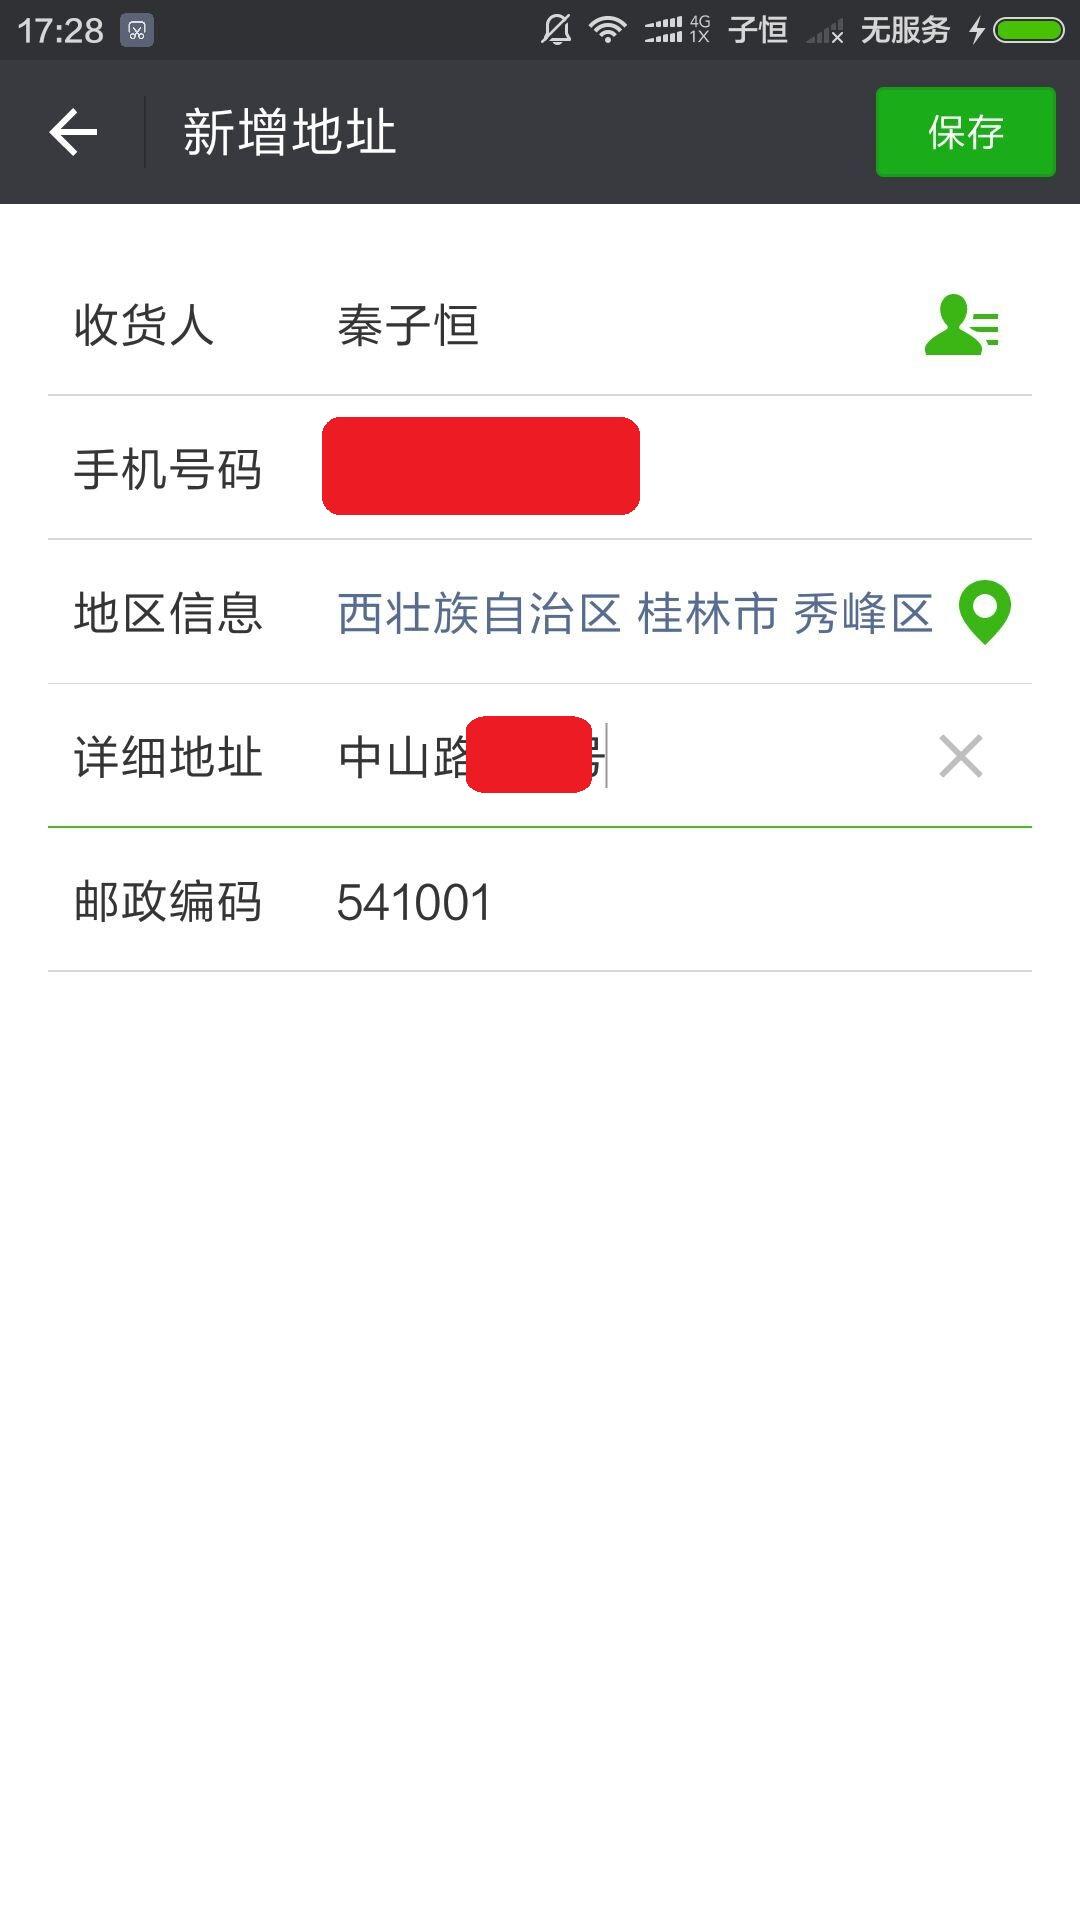 微信小店填写收货地址